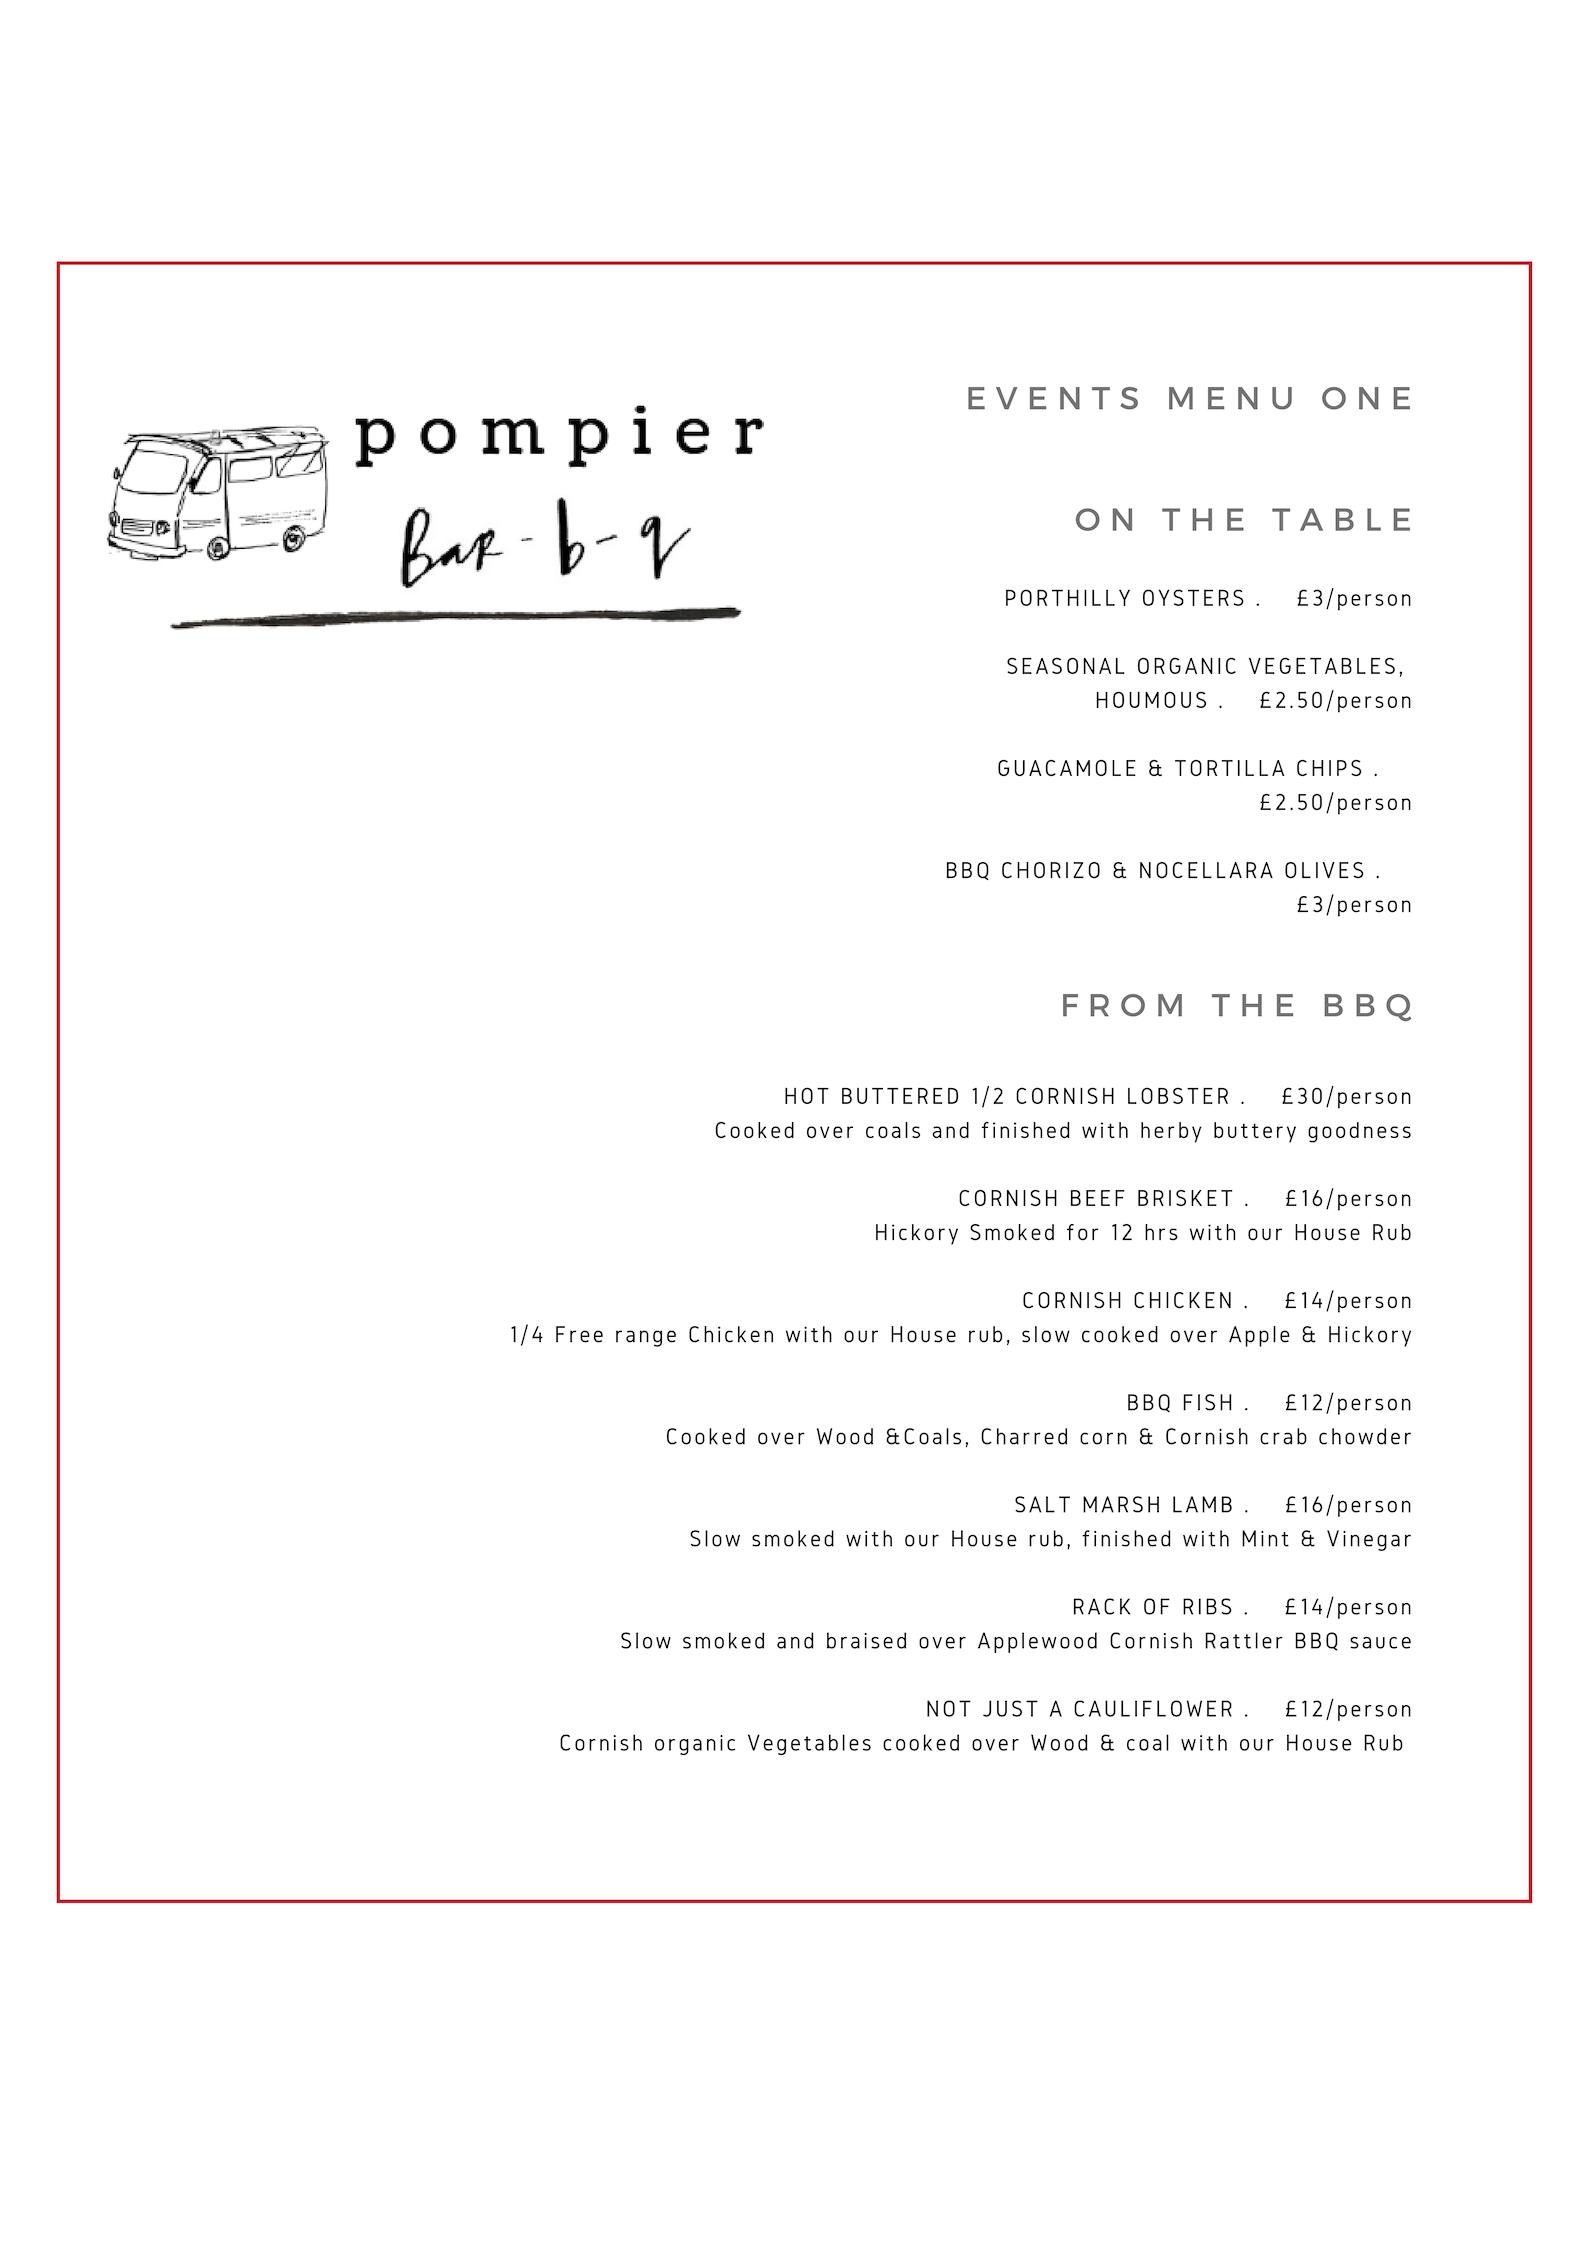 pompier menu march 15 2.png